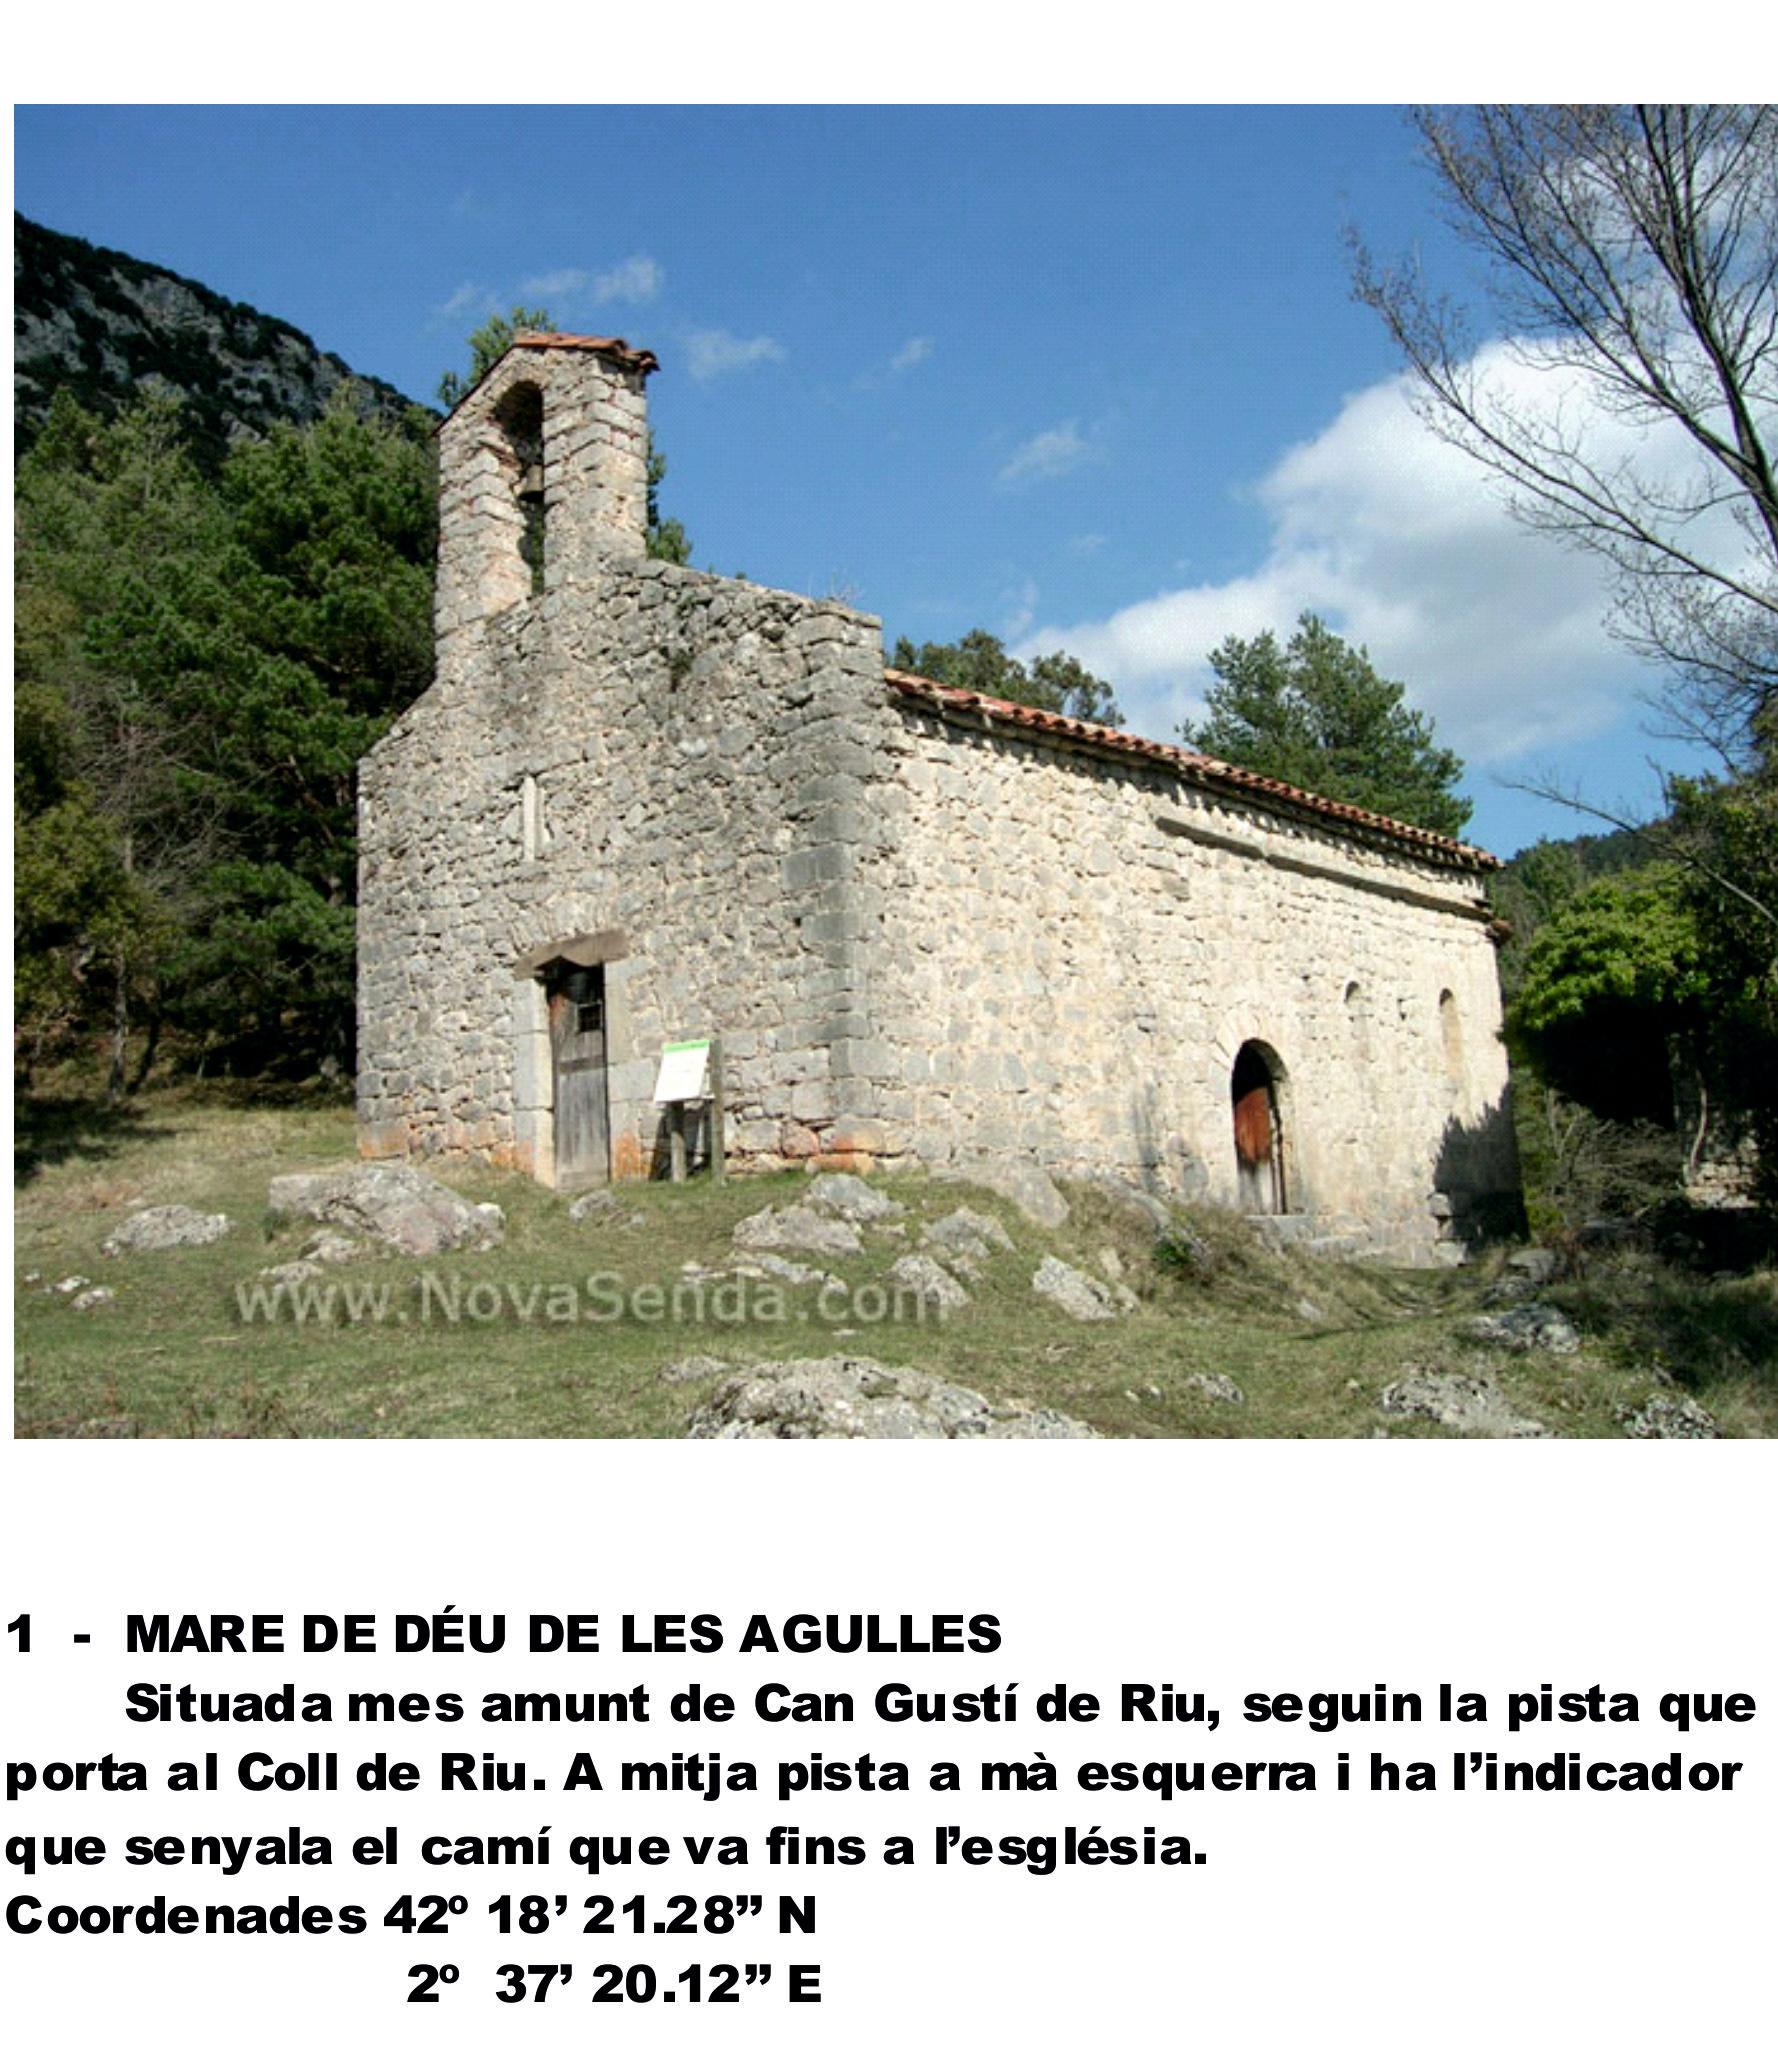 1__-__MARE_DE_DÉU_DE_LES_AGULLES